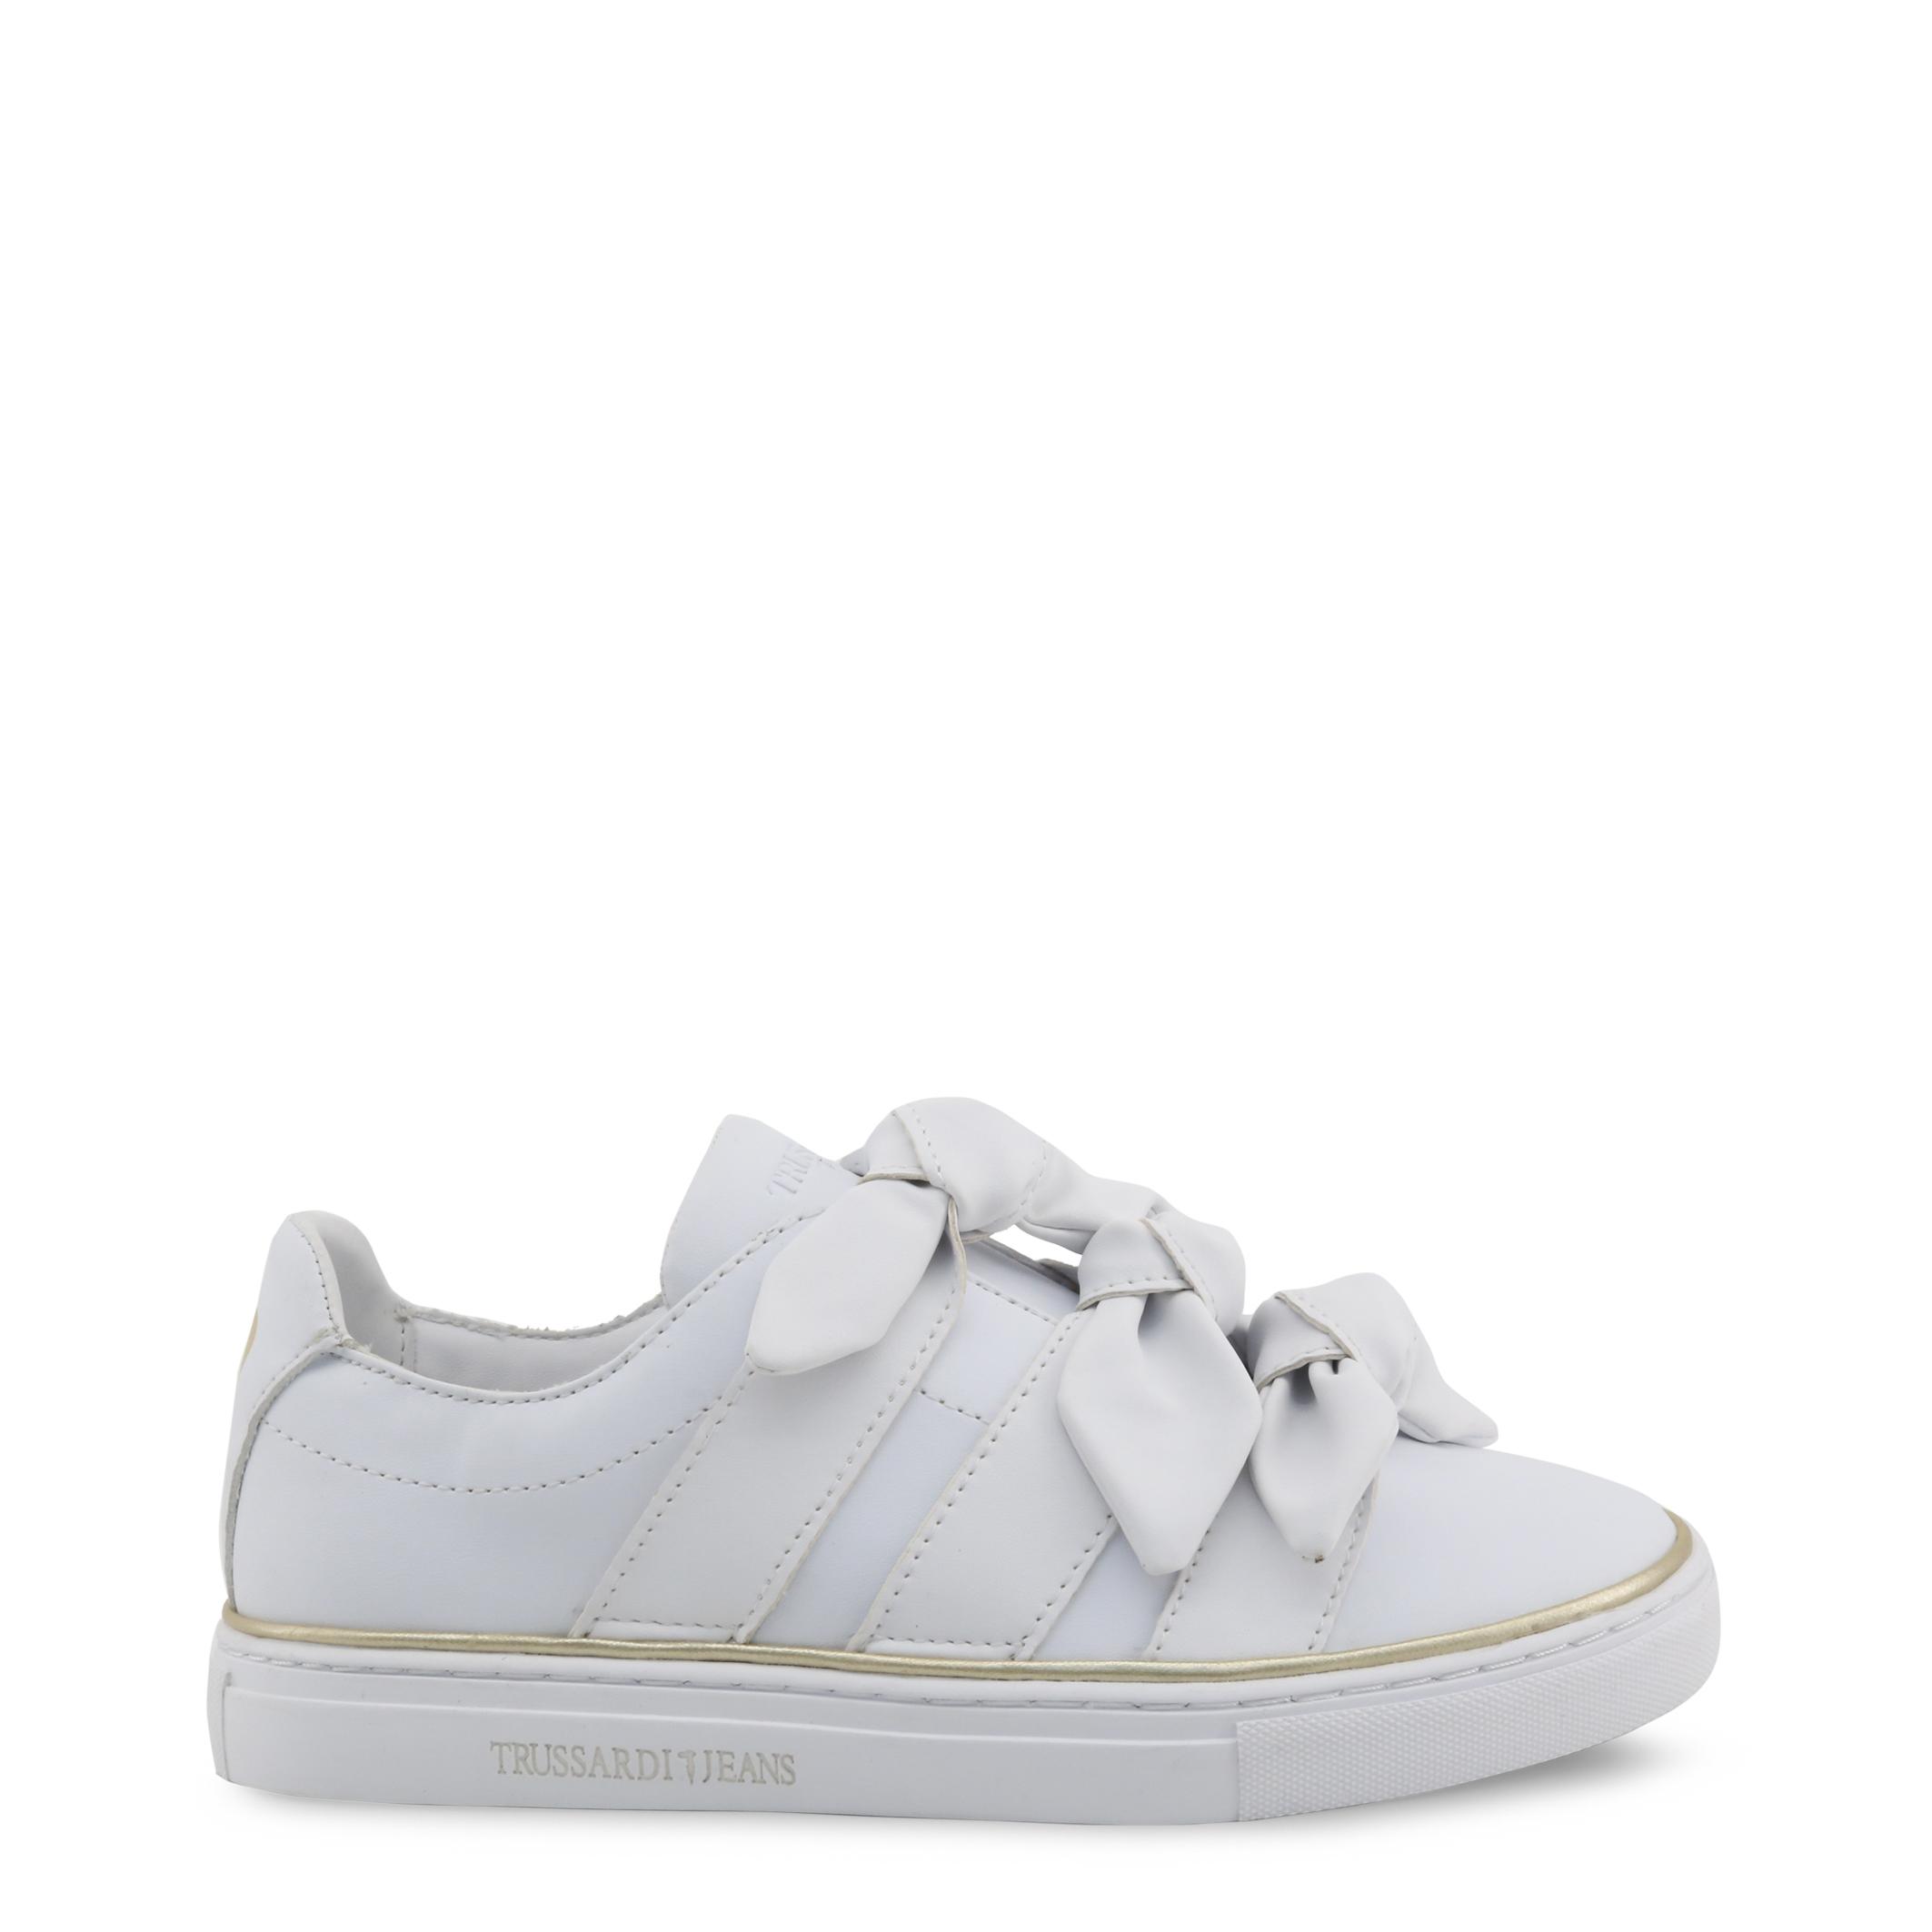 Sneakers Trussardi 79A00230 Donna Bianco 97984 Scarpe da Ginnastica ... 8f74cdfe985